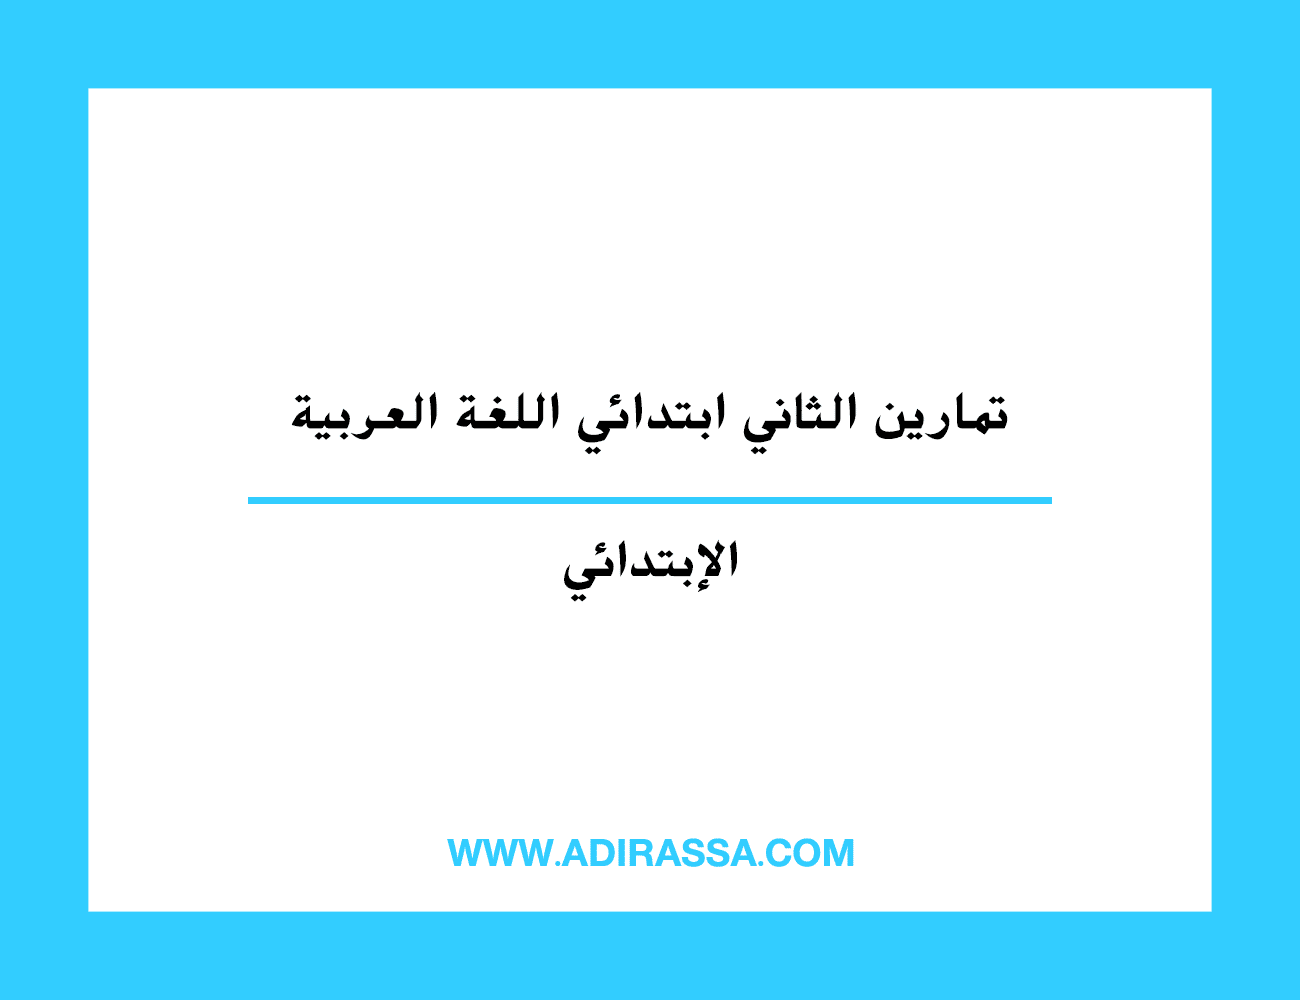 تمارين الثاني ابتدائي اللغة العربية